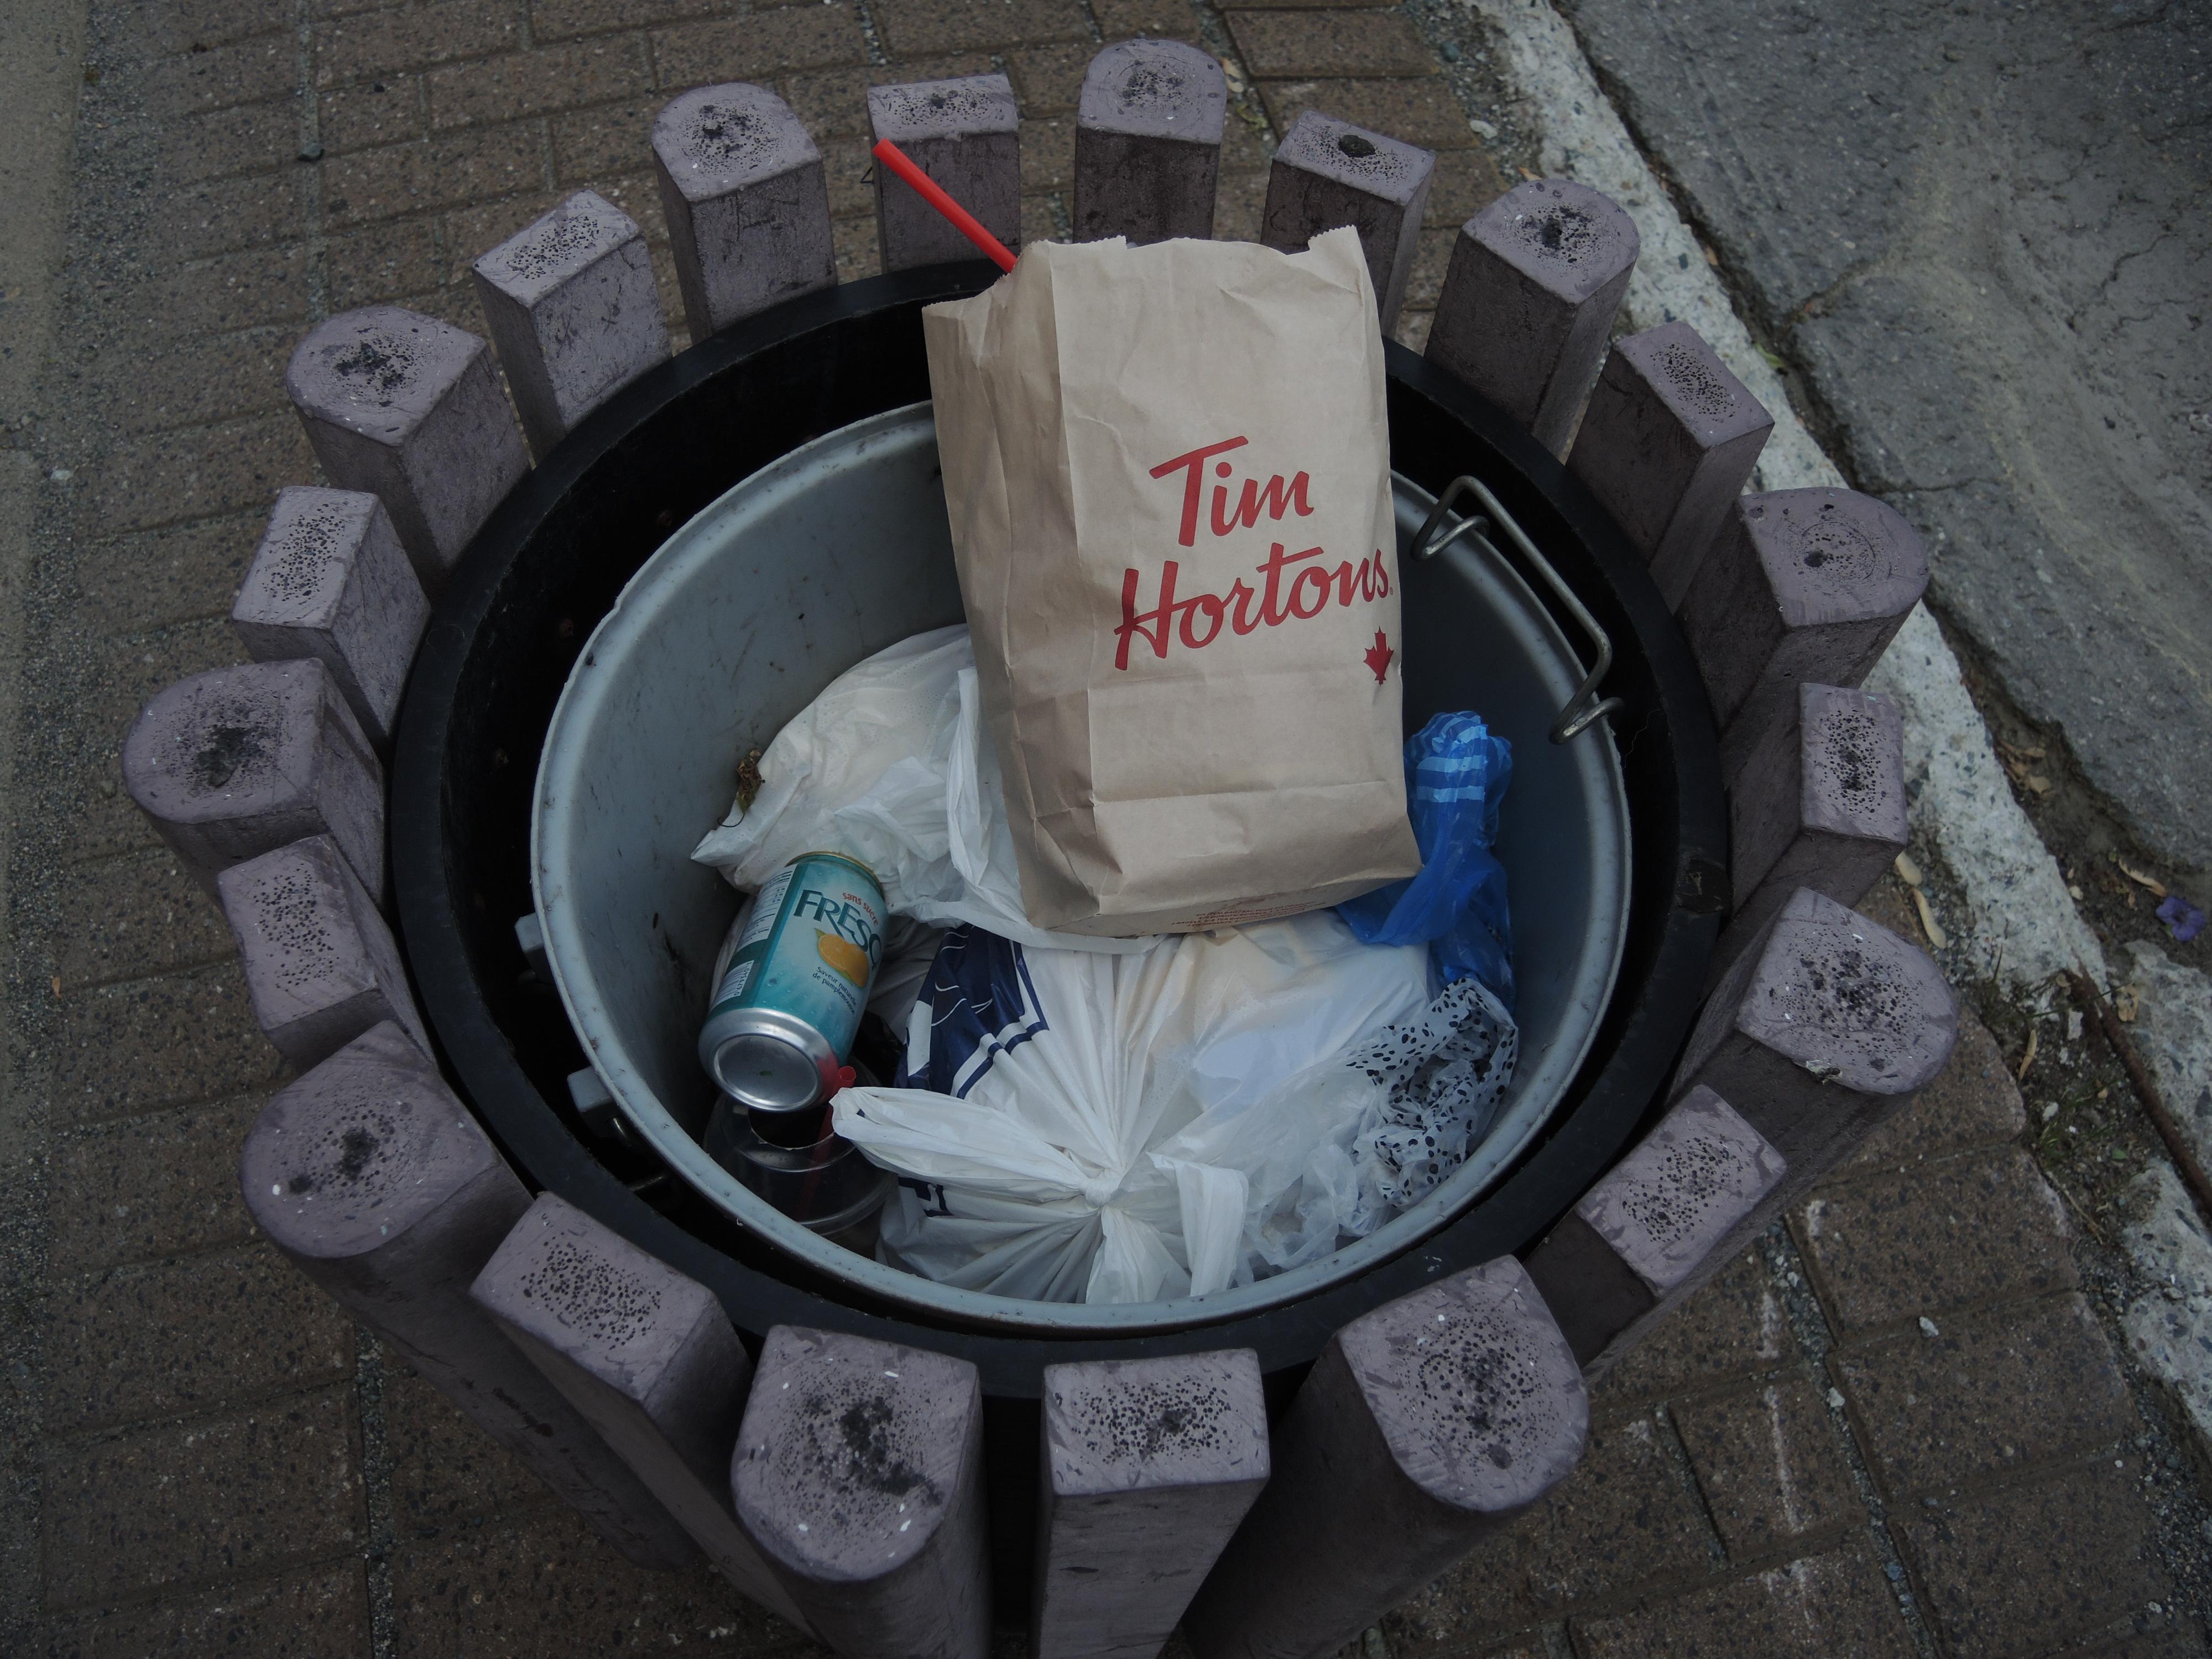 Poubelle pleine de recyclage Rouyn-Noranda